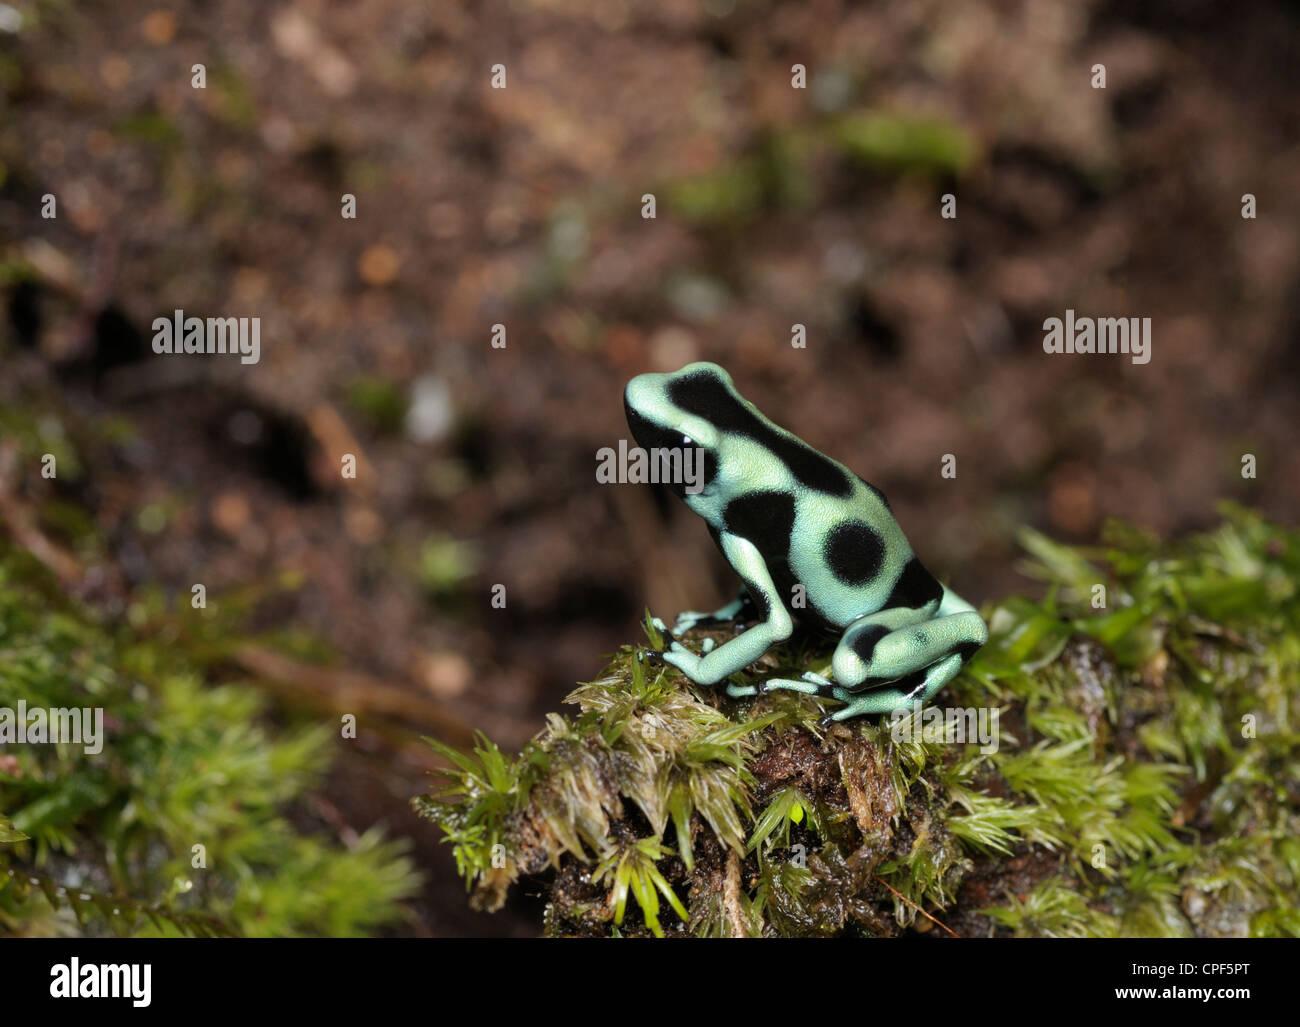 Noir et vert grenouille Dendrobates auratus, Poison, dans les forêts tropicales, Chilamate, Costa Rica Photo Stock